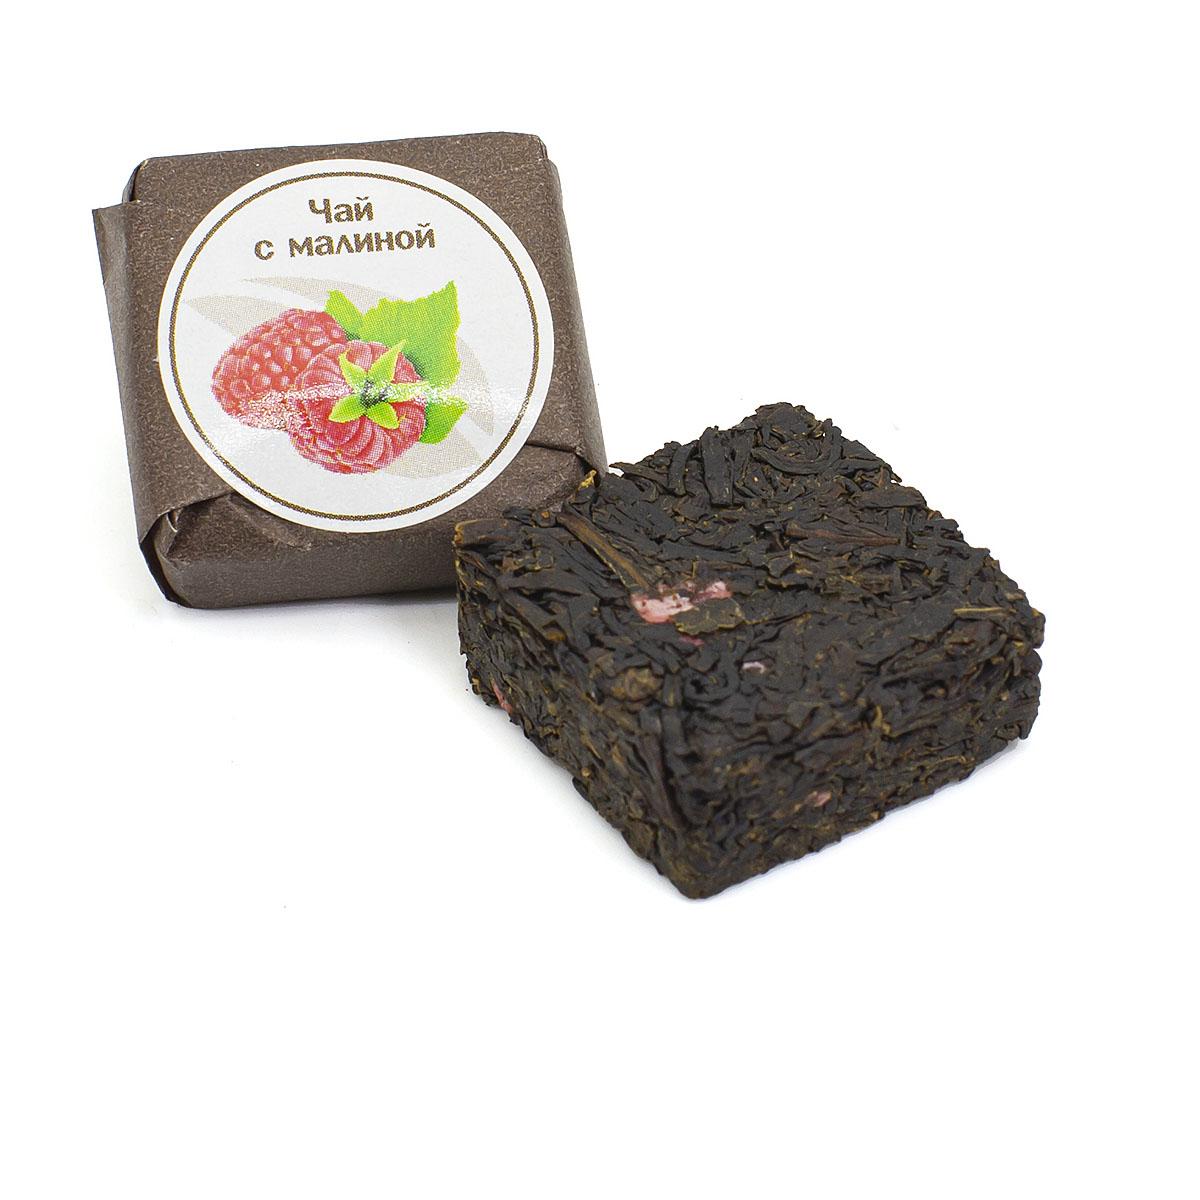 Чай с малиной прессованный, кубик 5-7 г чай черный байховый бонтон крепкий цейлонский крупнолистовой 726 с ароматом бергамота 100 г